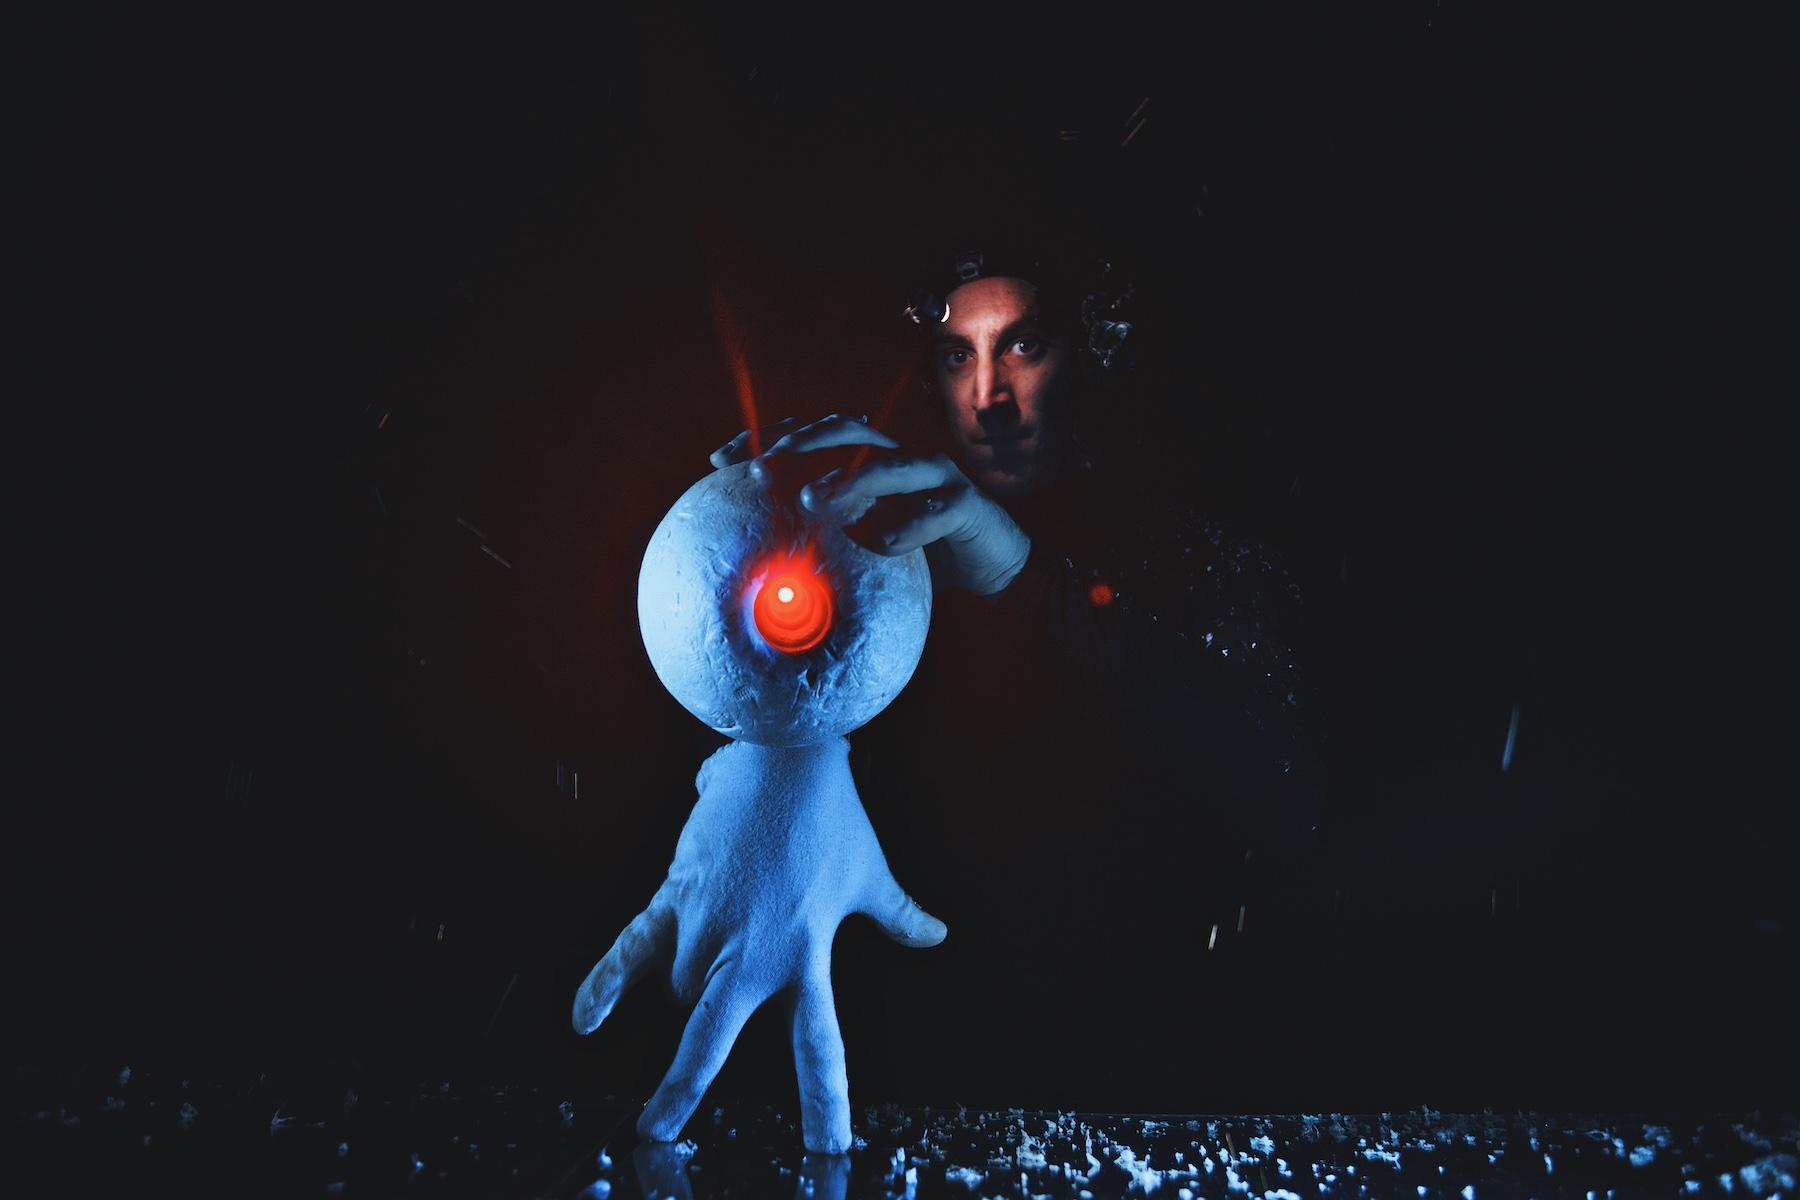 The Adventures of Alvin and Sputnik: Deep Sea Explorer, Image by Jarred Seng